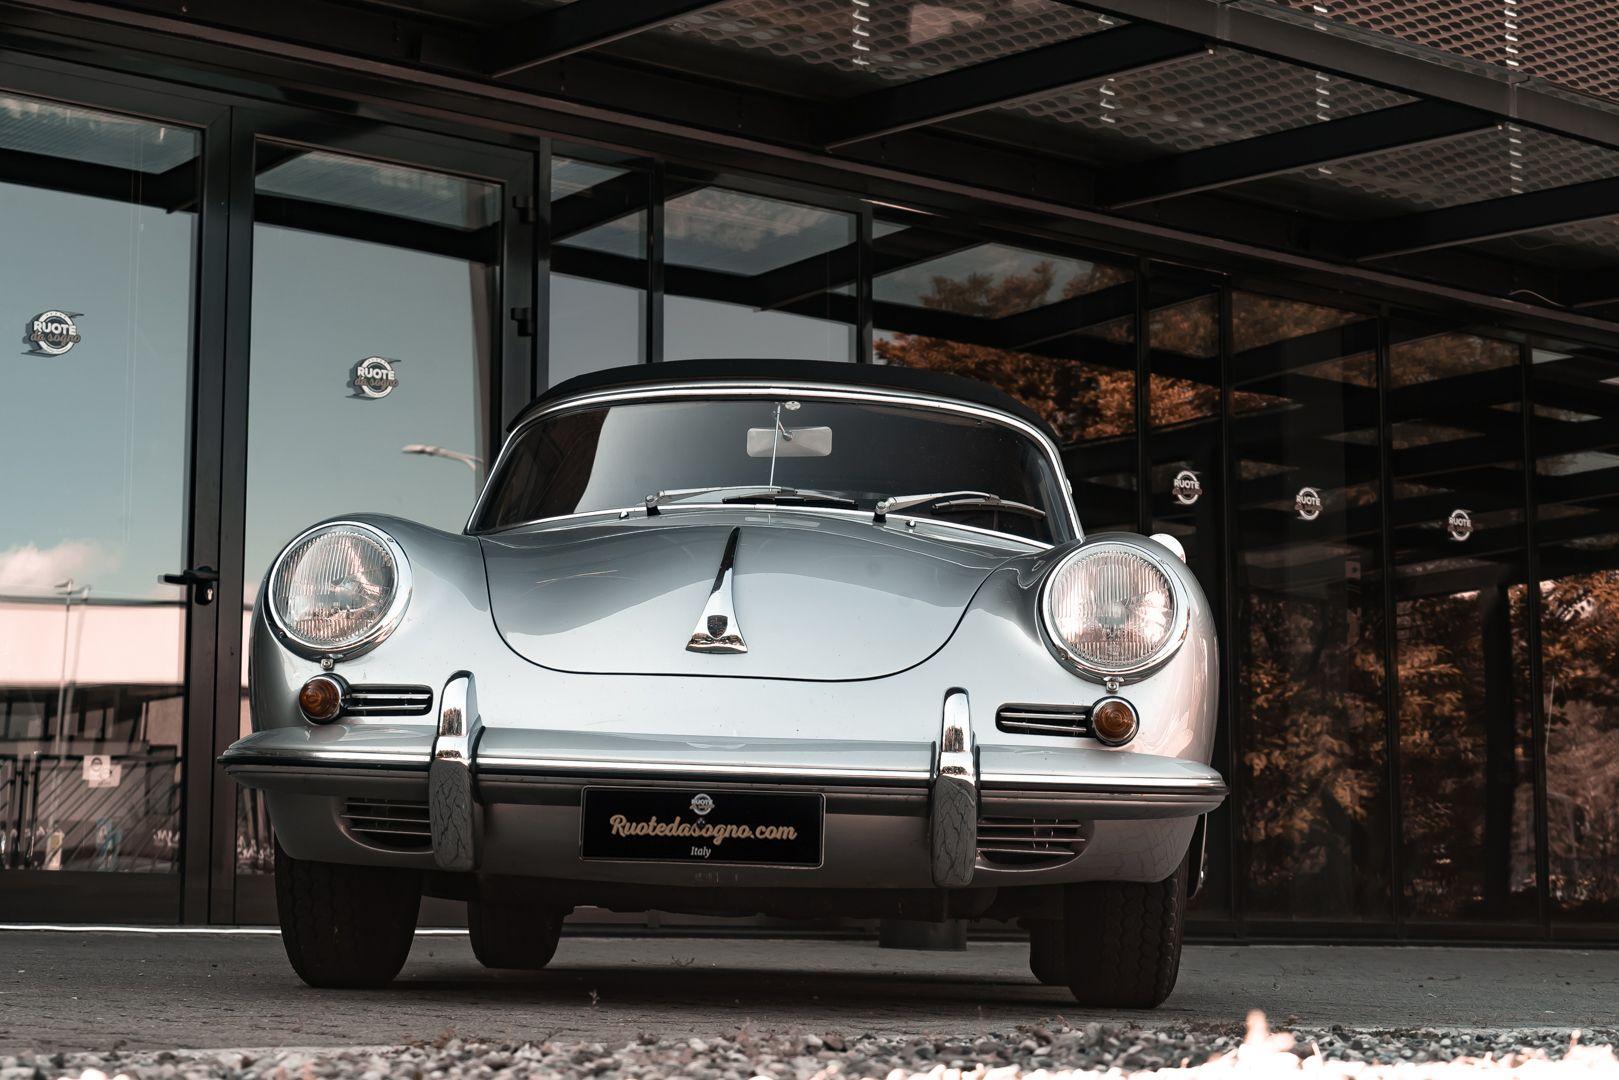 1963 Porsche 356 B 1600 S Cabriolet 76212